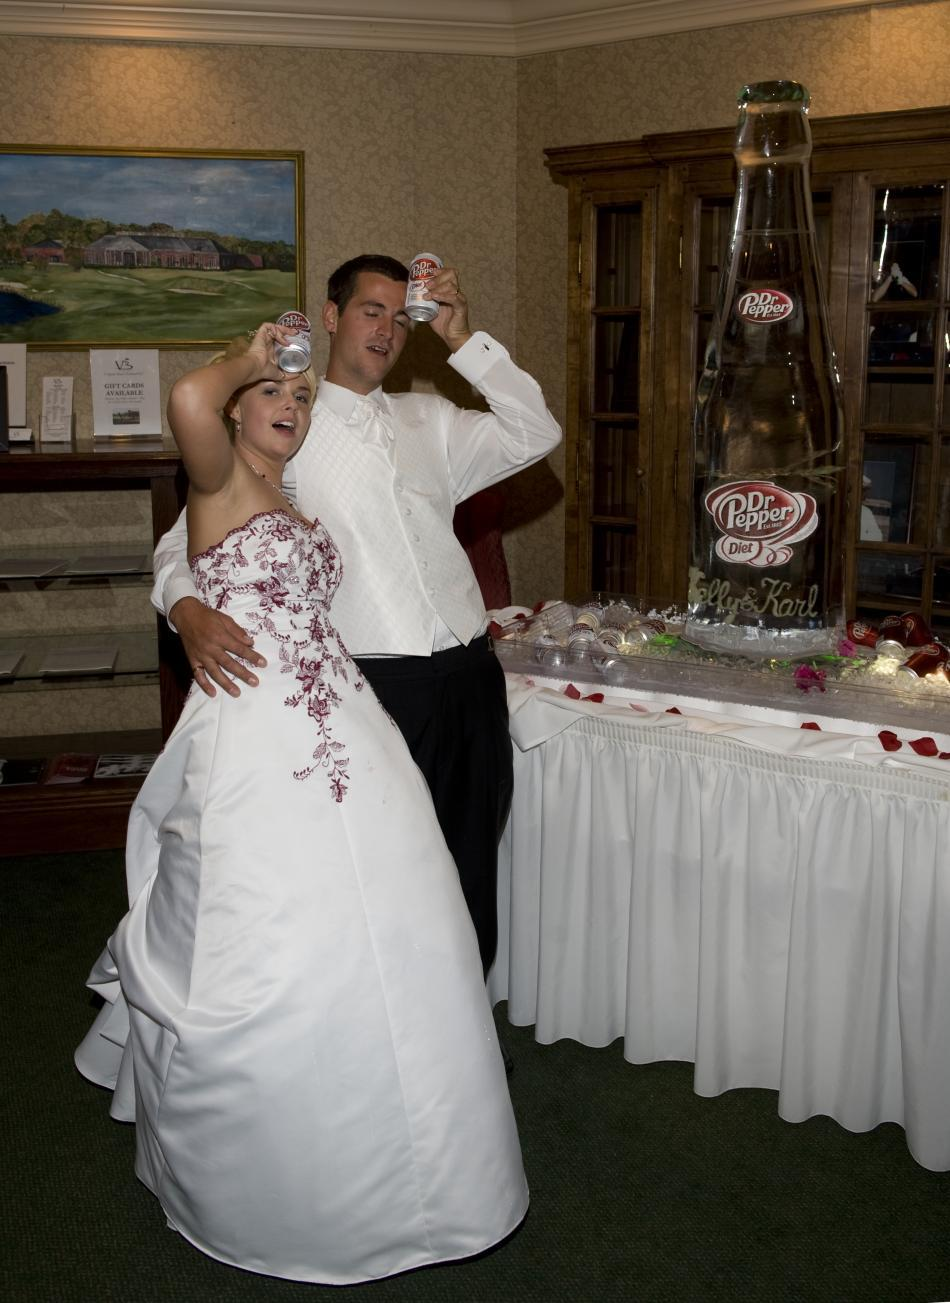 Dr_pepper-wedding1.full